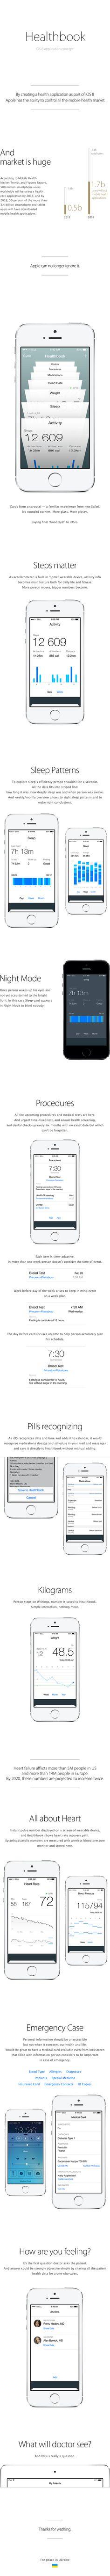 Healthbook iOS 8 concept